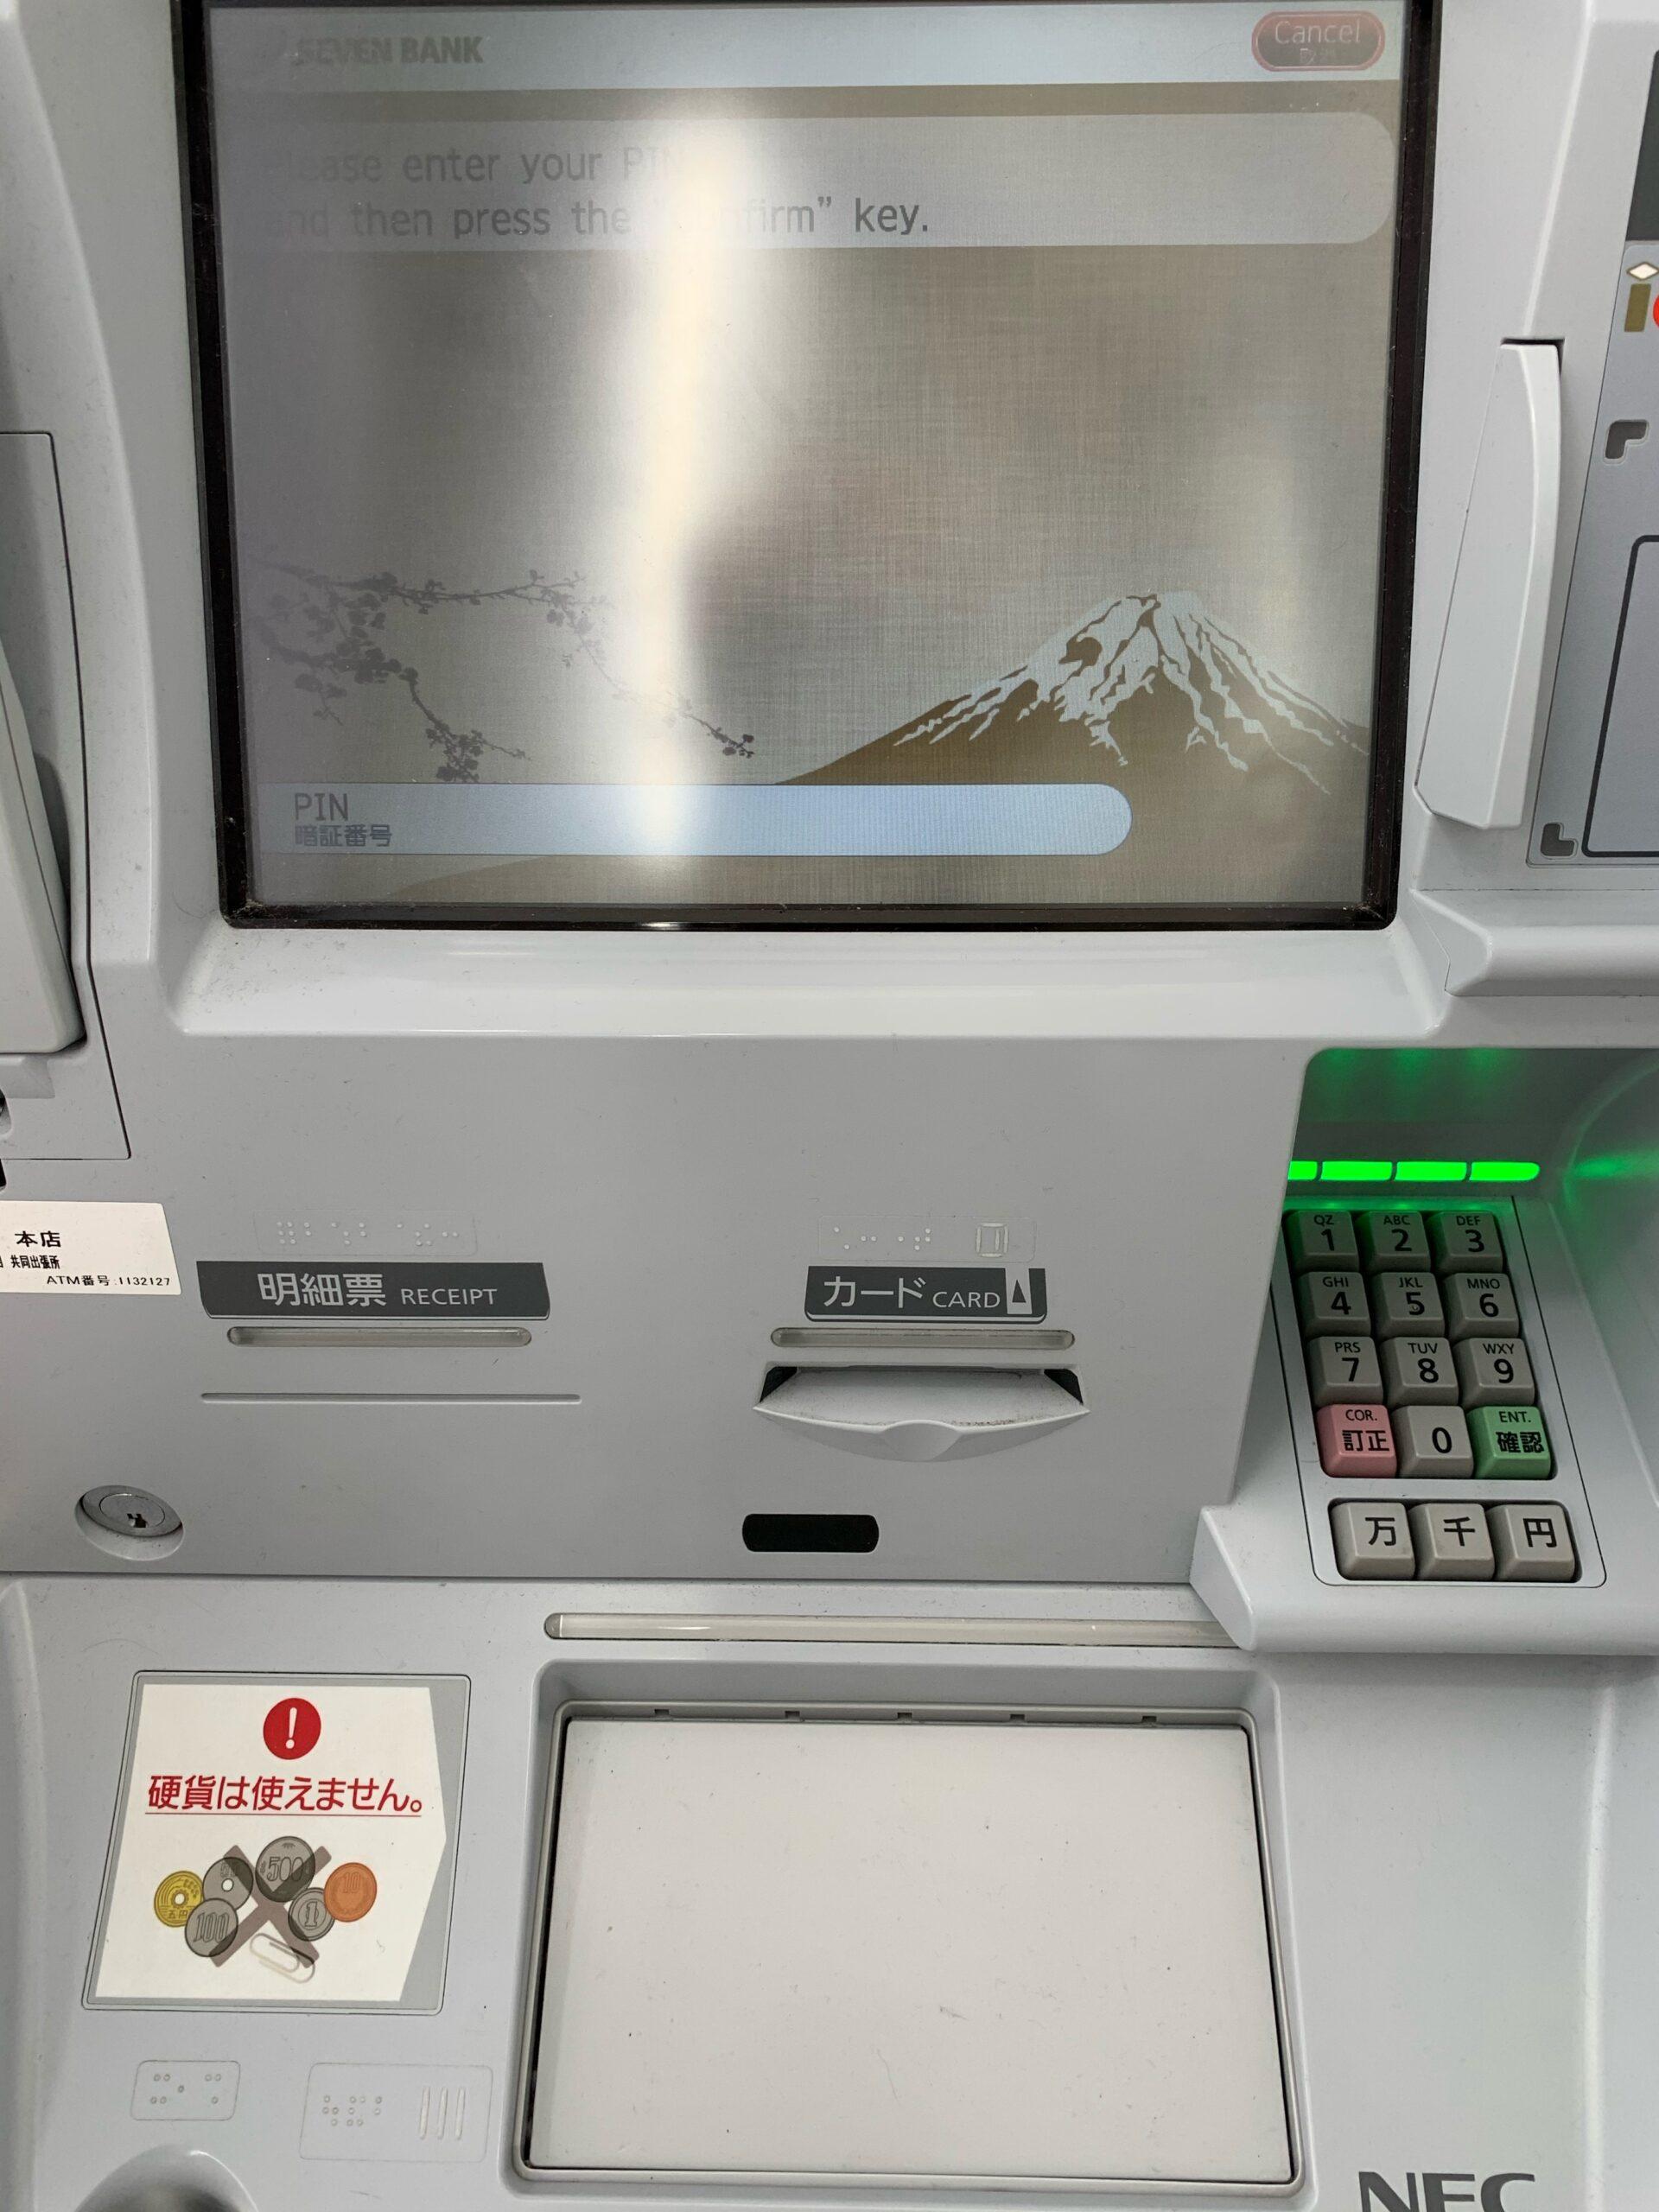 TIGER PAY ATM出金7